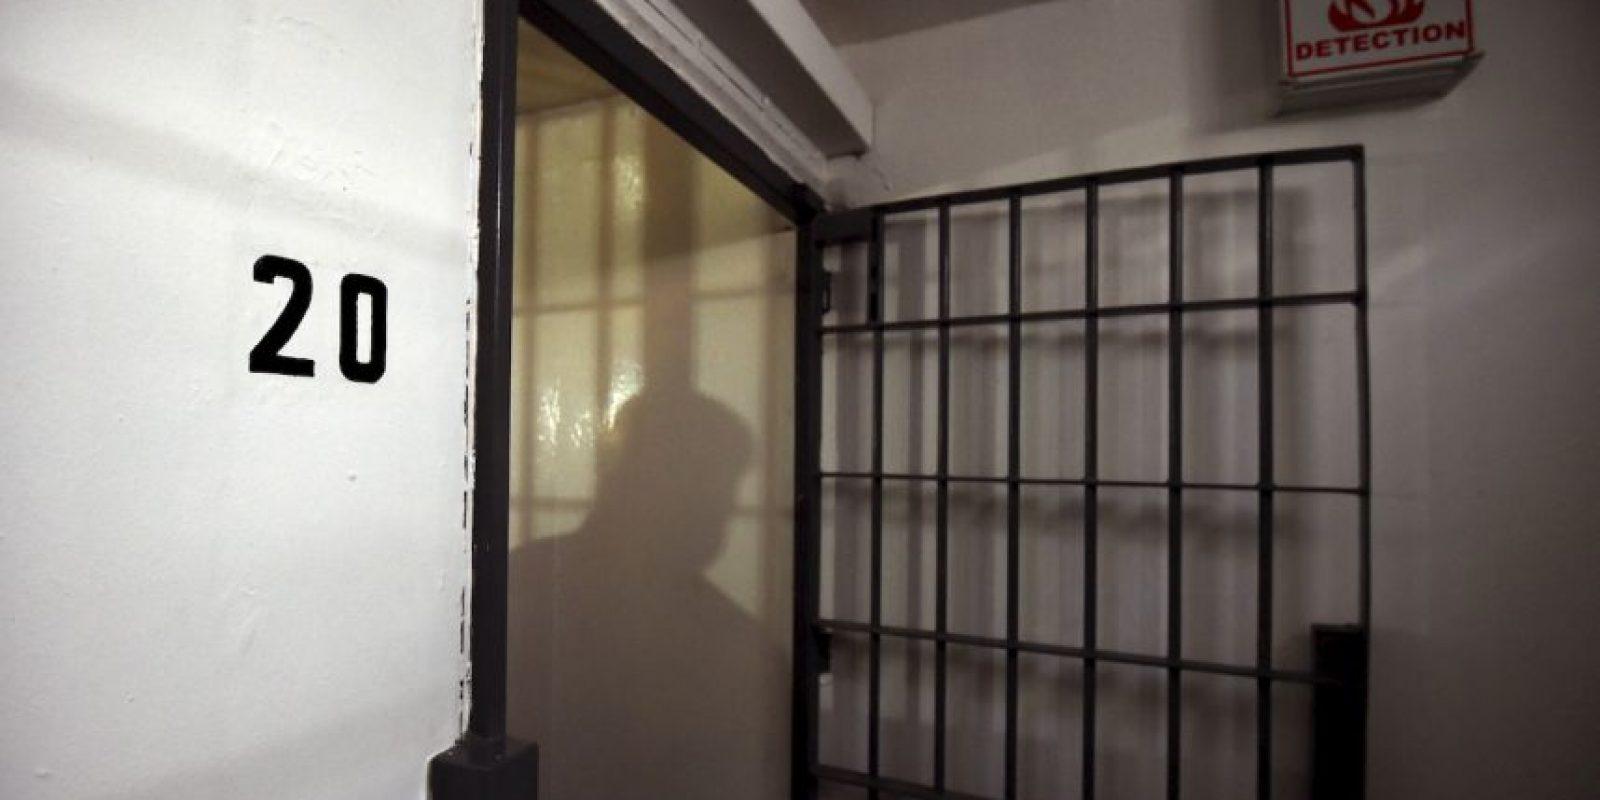 Desde su captura, ingresó en la celda número 20 del Penal del Altiplano Foto:AFP